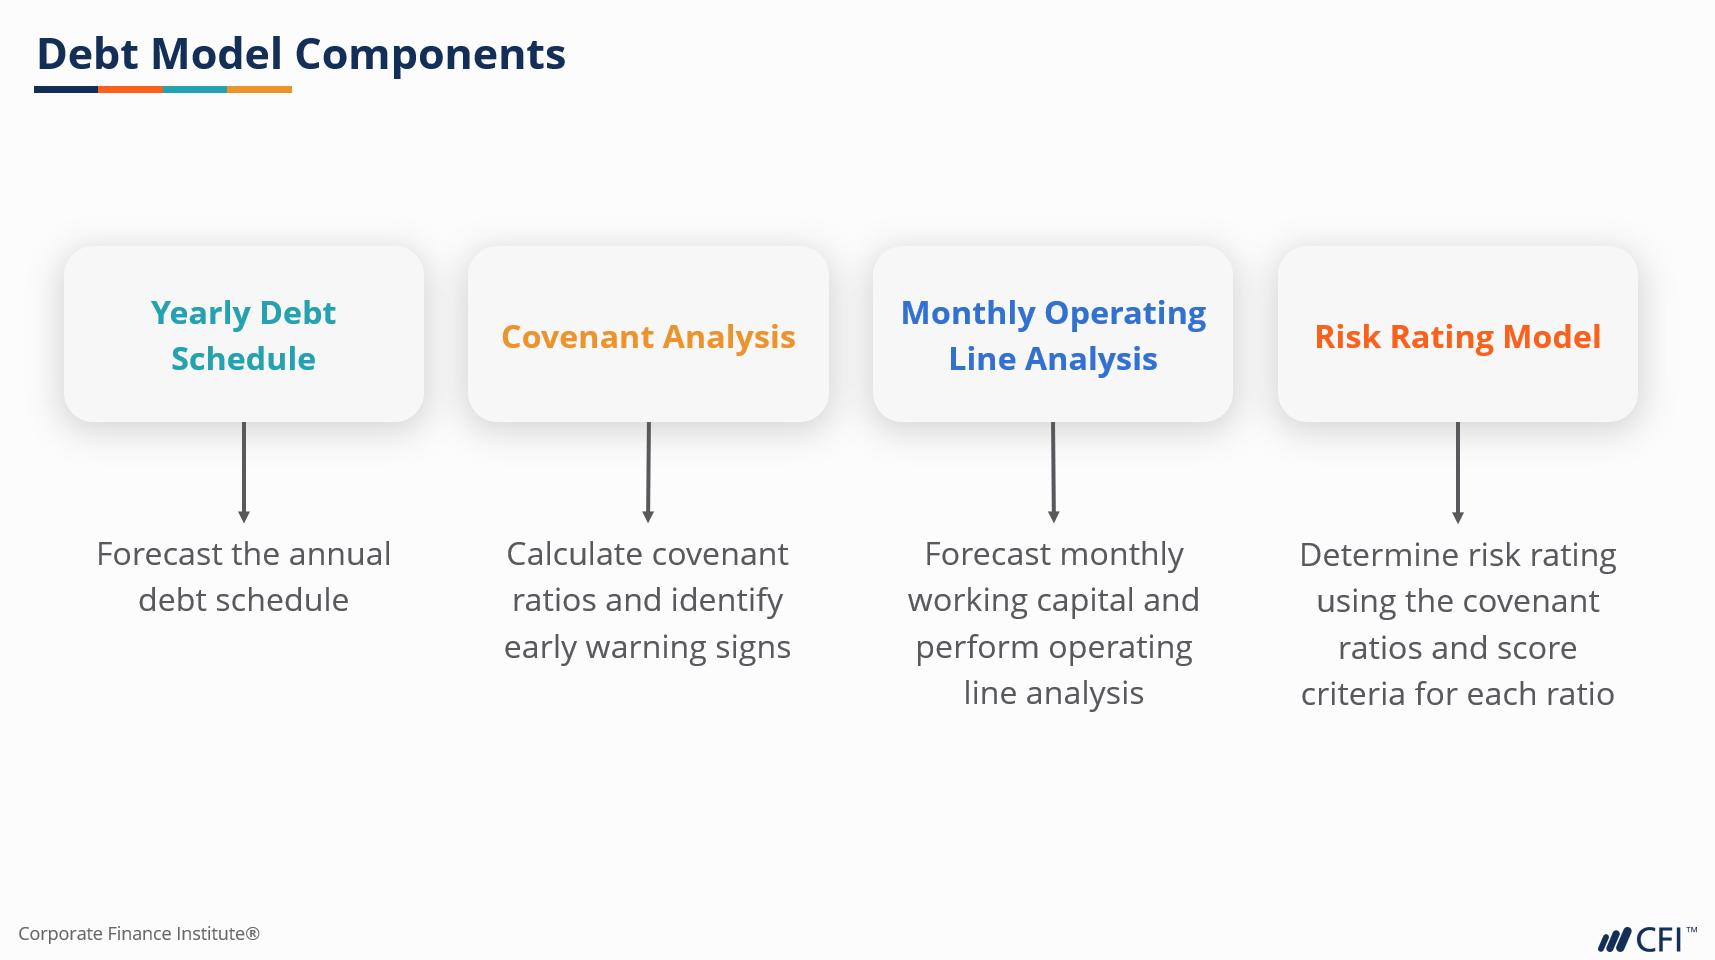 Debt model components